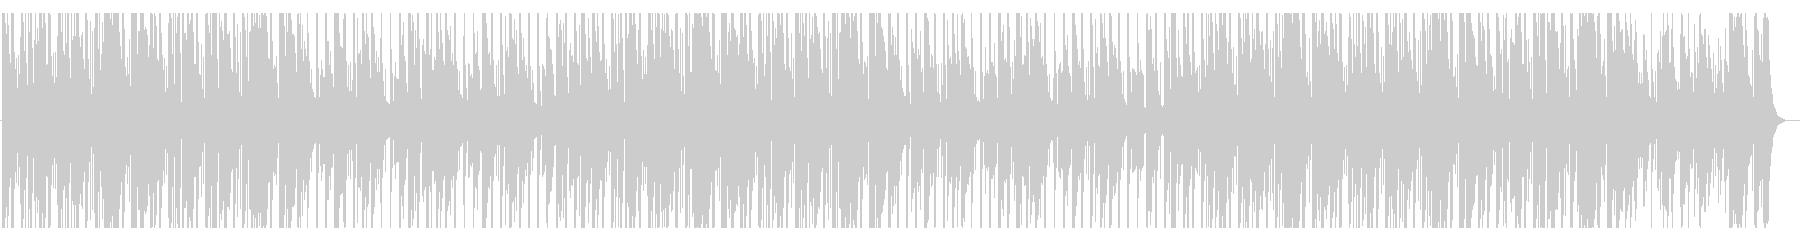 クール/都会的/R&B_No427の未再生の波形